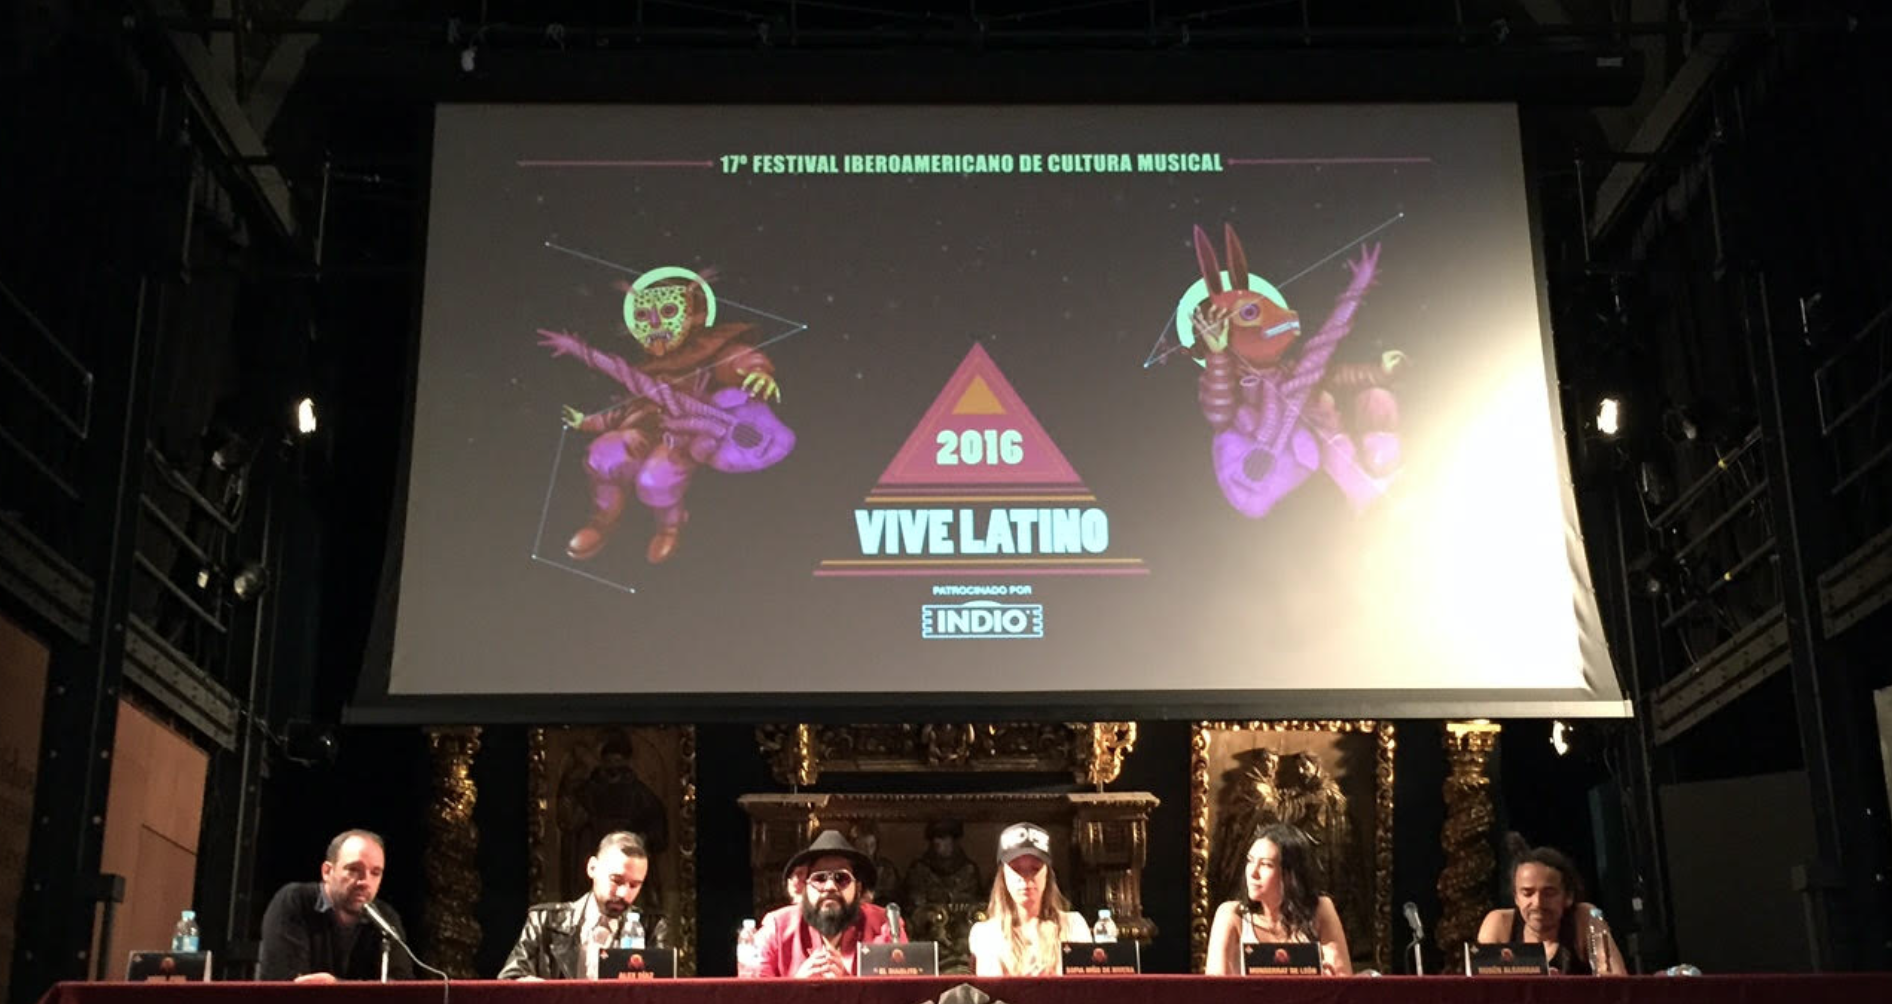 vive latino - clan de clanes - casa comedy - radioalternativo - 2016